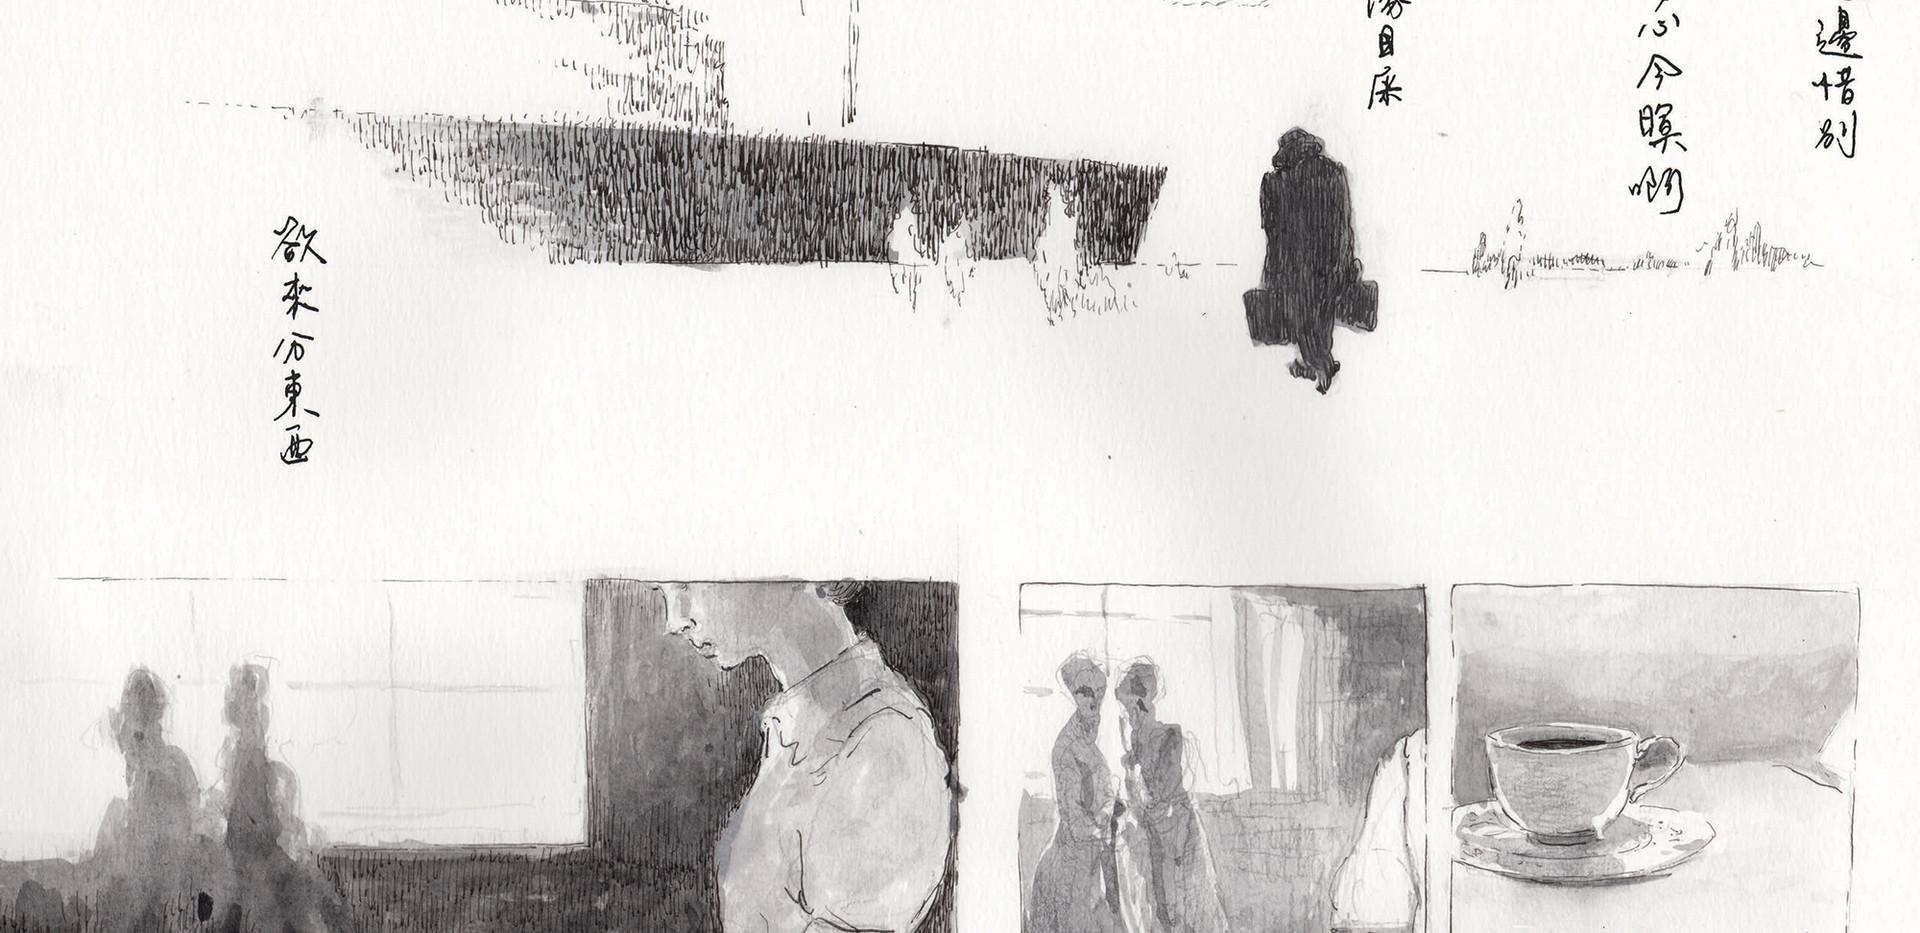 港邊惜別 / Love Story, Love Song p.10-11